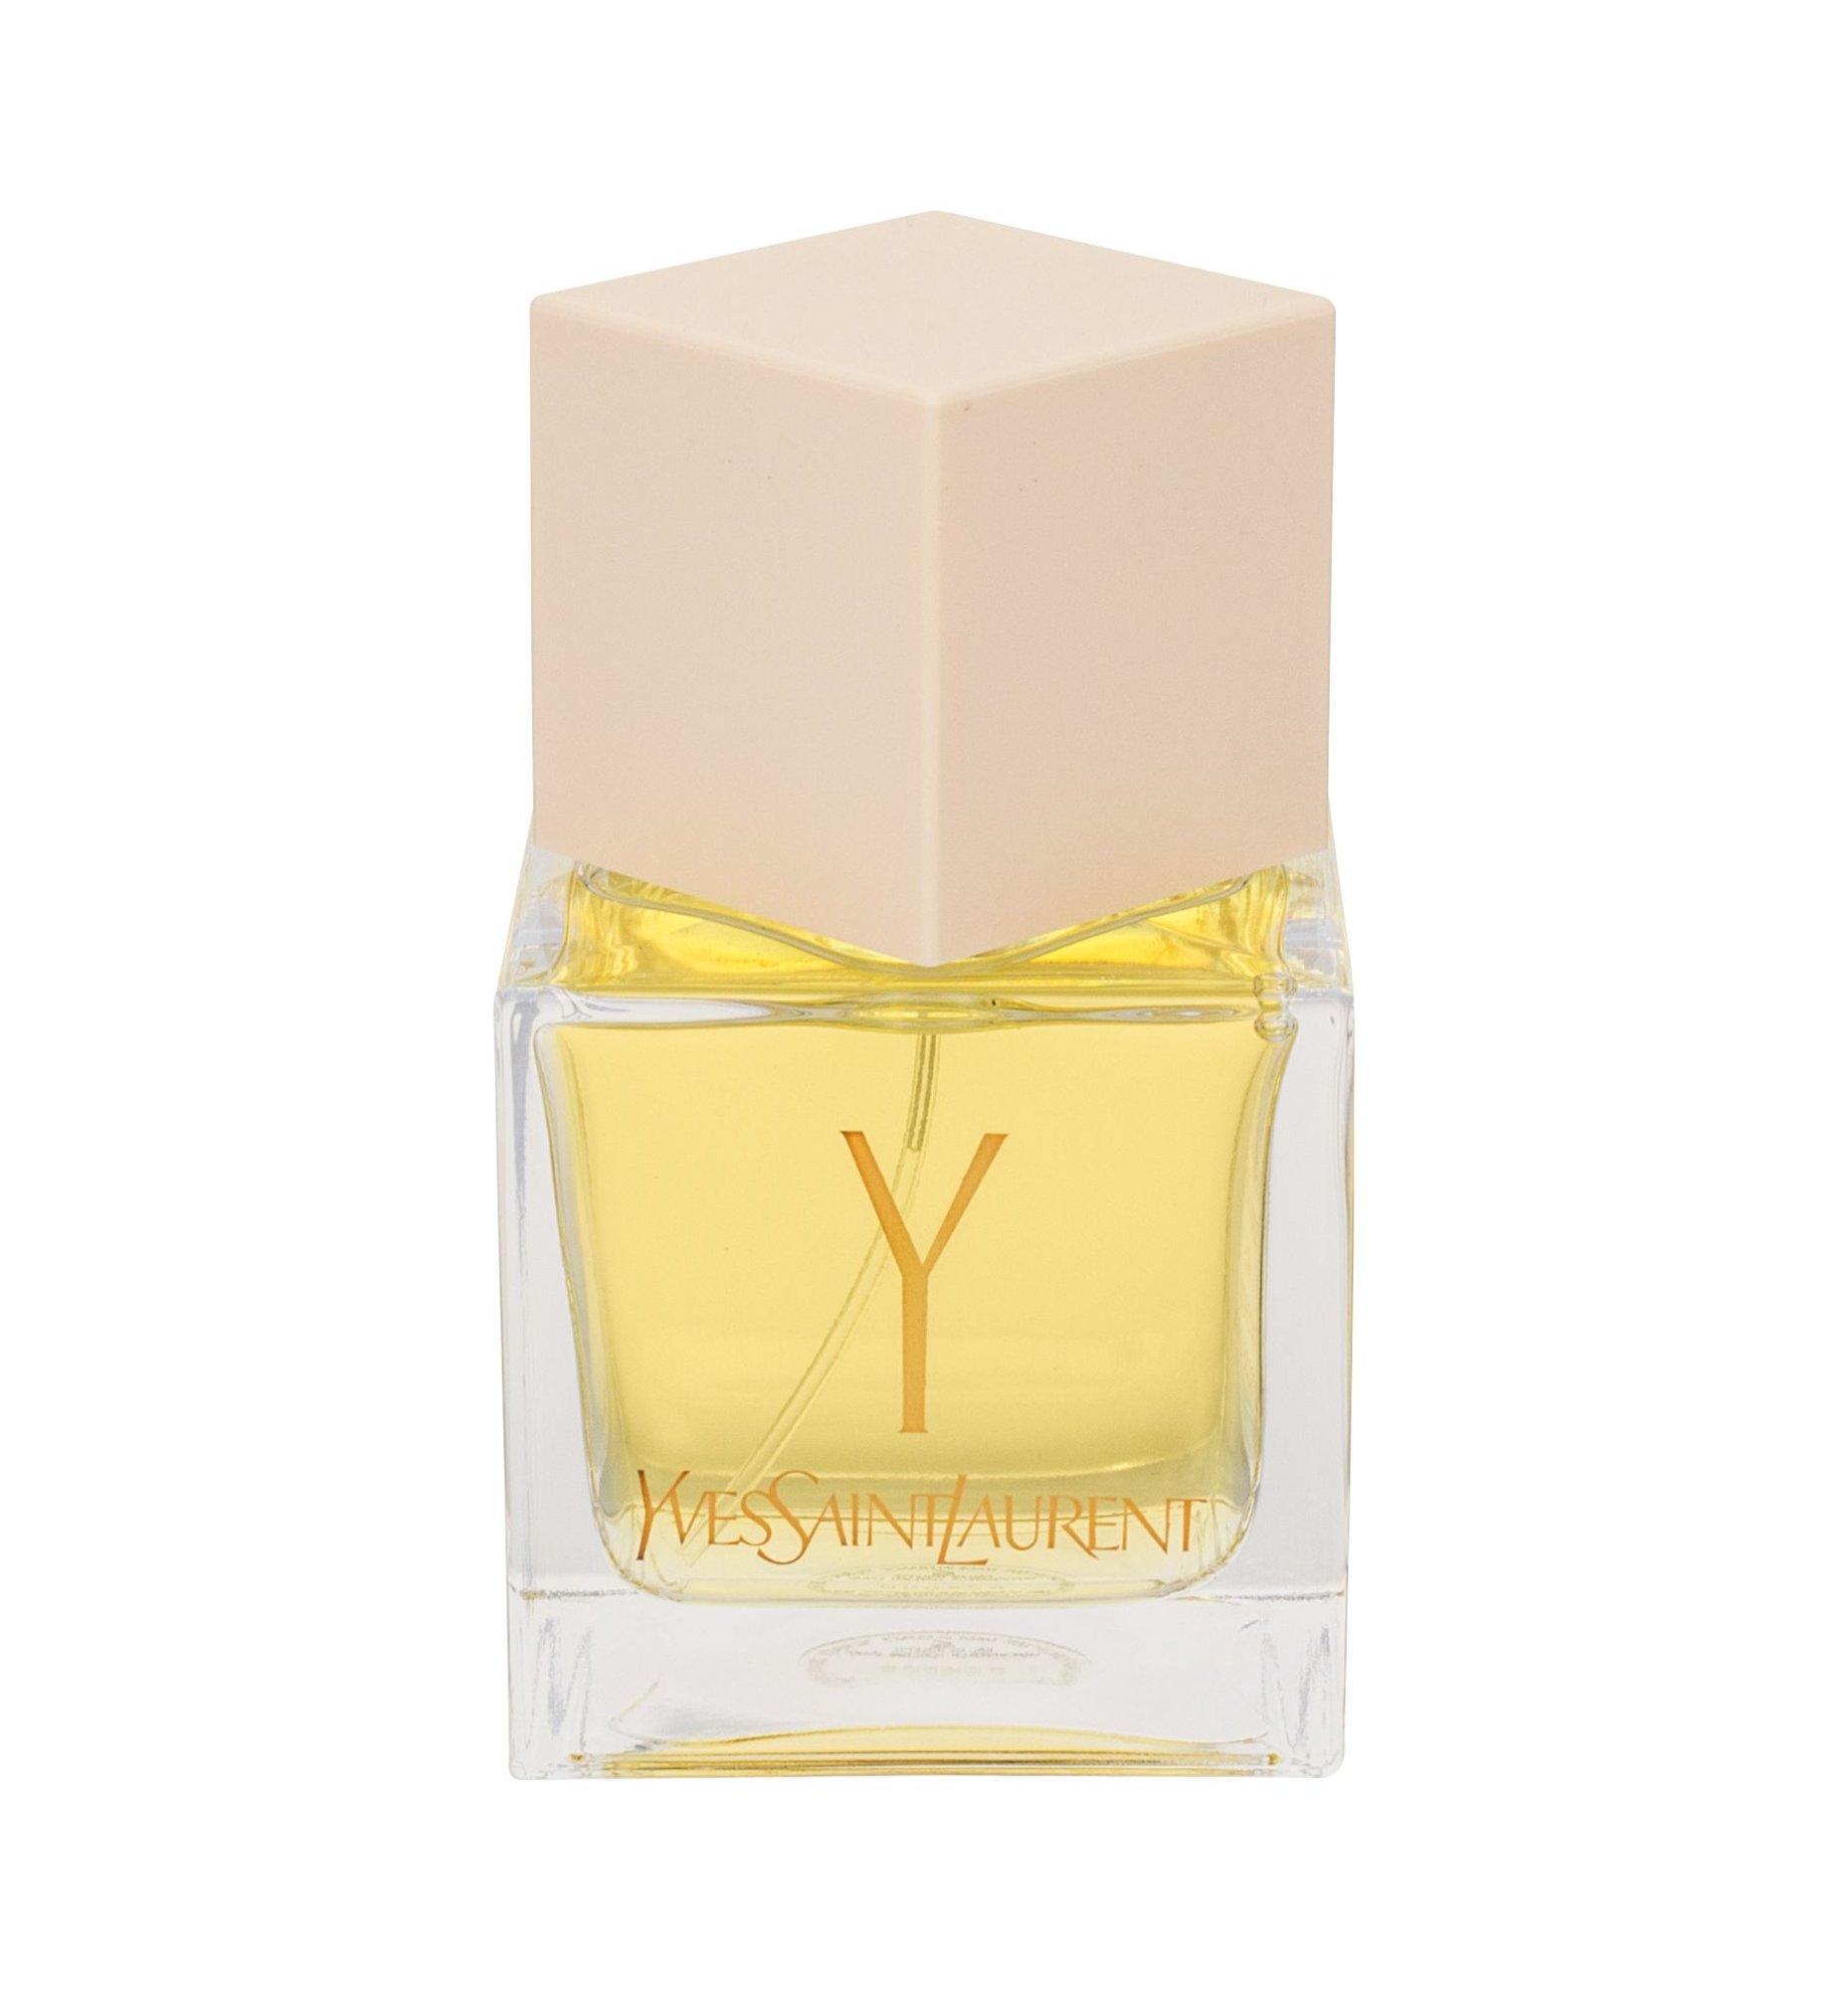 Yves Saint Laurent La Collection Y EDT 80ml